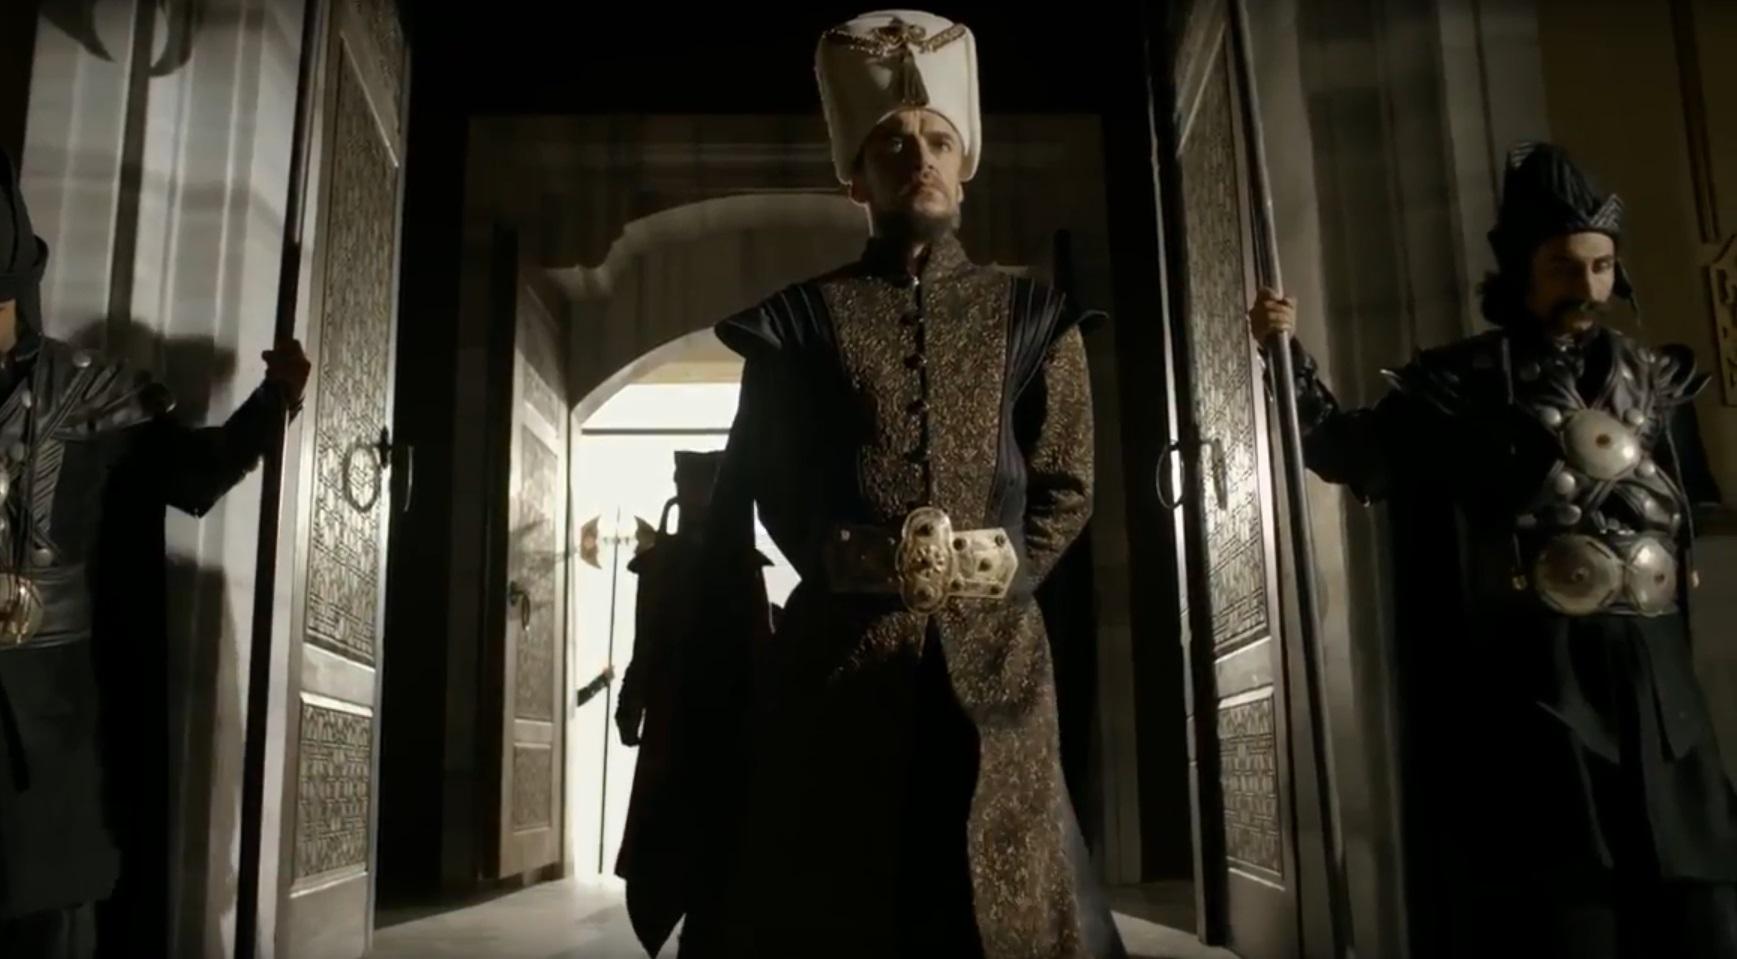 Султан Ибрагим I Безумный - его реальная биография. Великолепный век 5